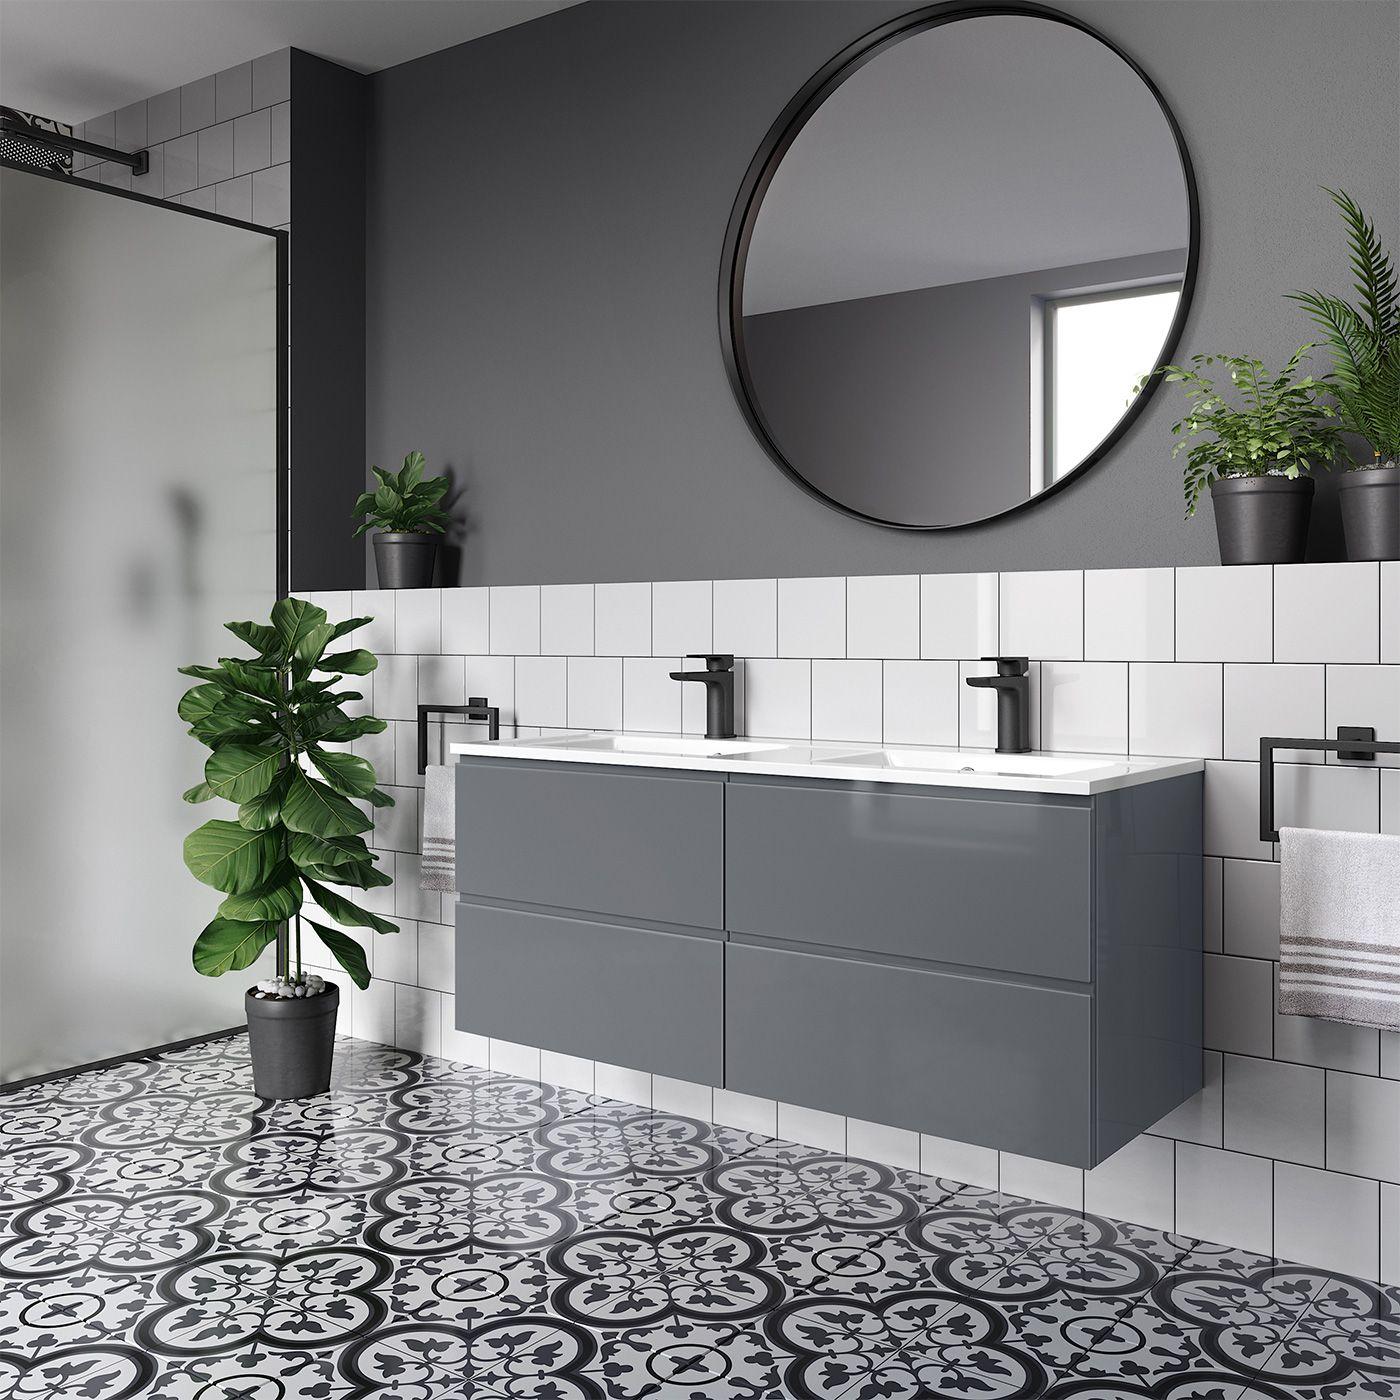 Photo of Trevia Gloss Grey Double Basin Vanity Unit